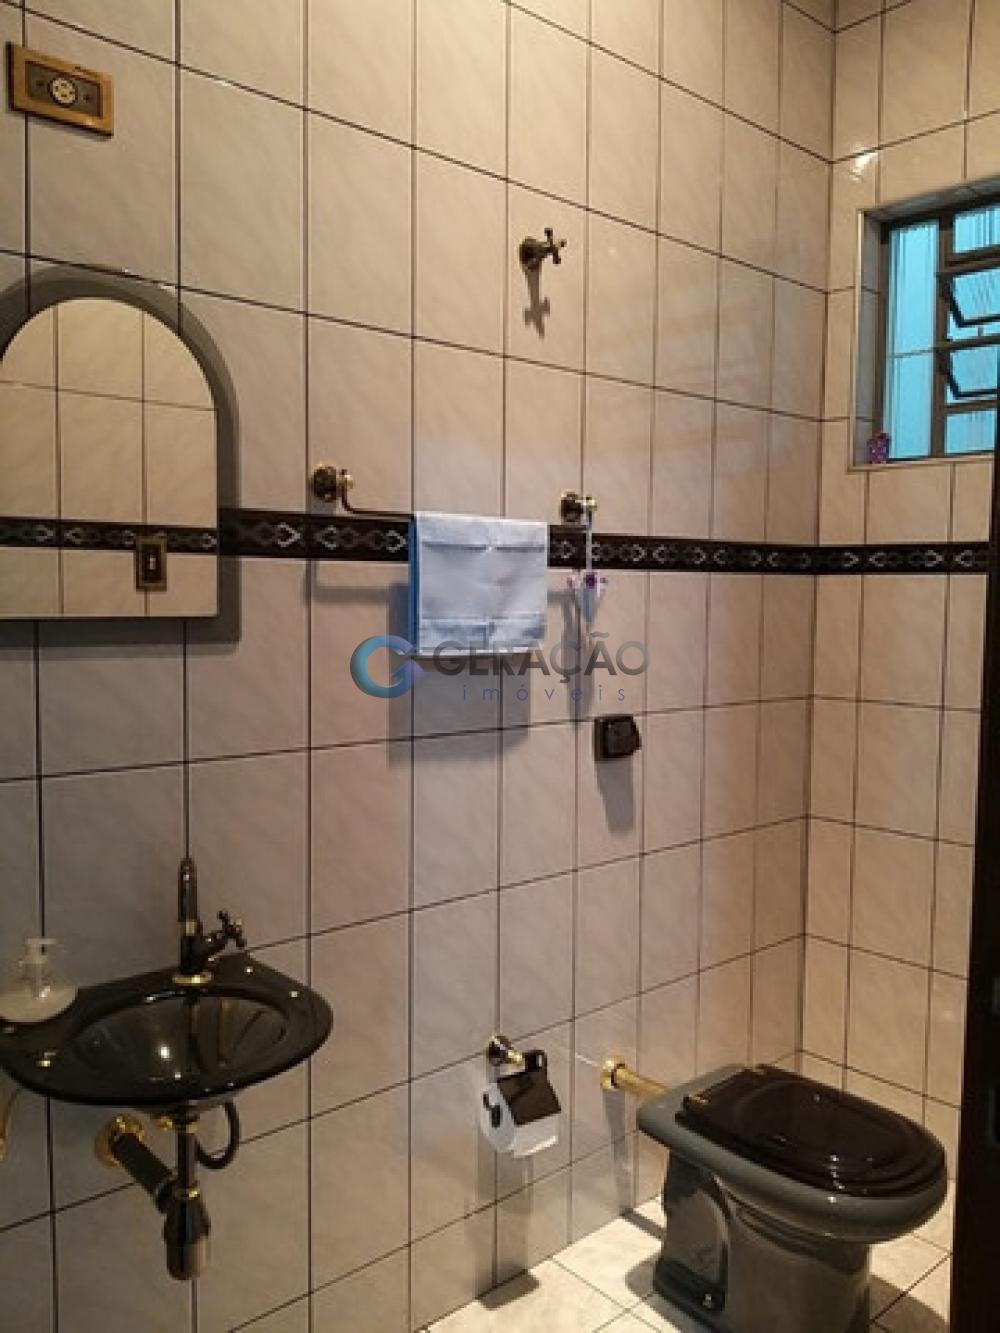 Comprar Casa / Padrão em São José dos Campos apenas R$ 625.000,00 - Foto 16